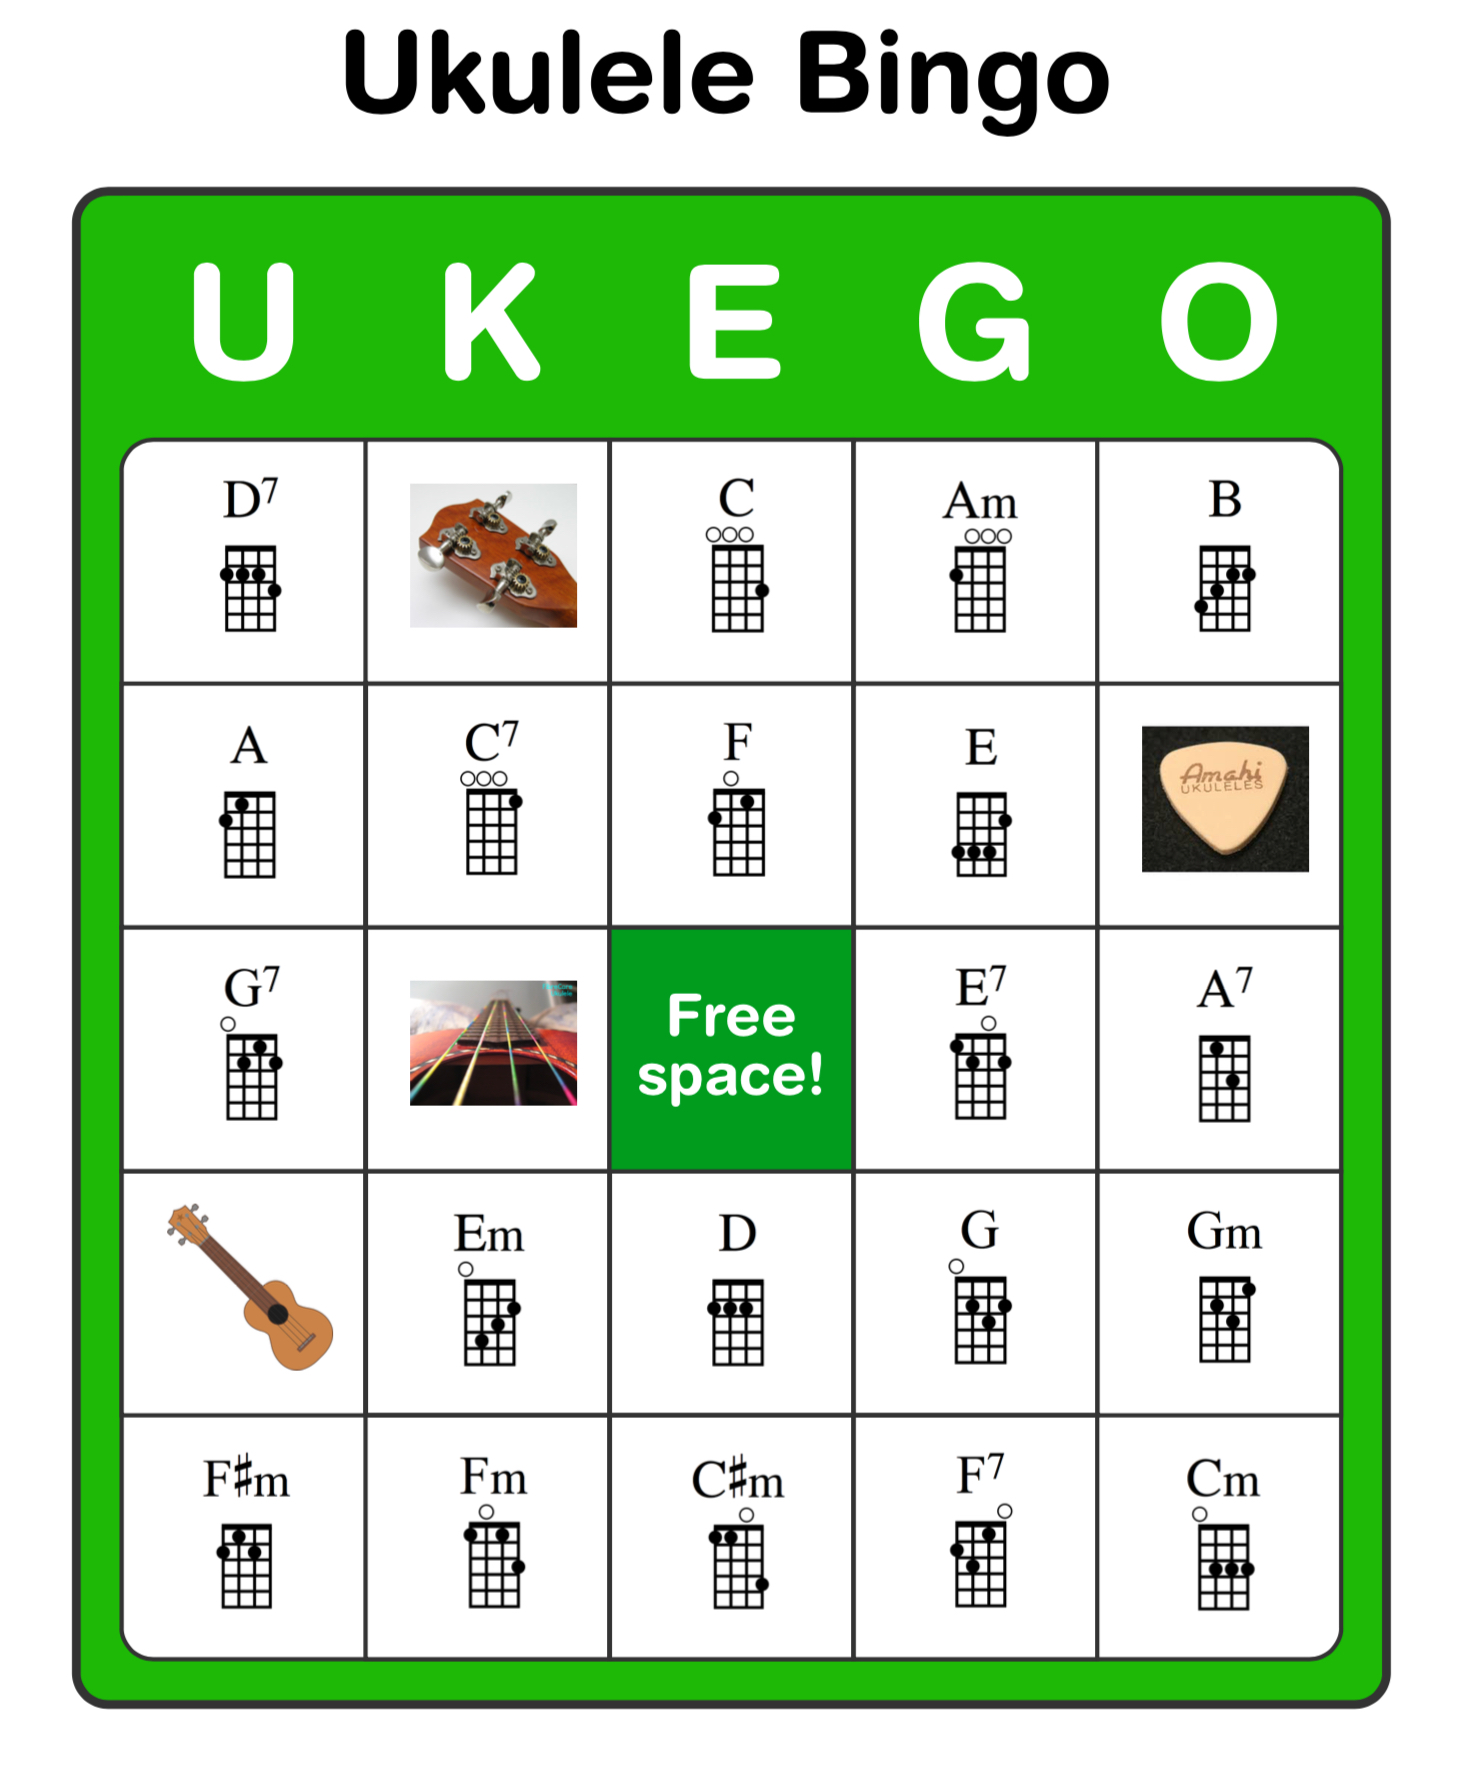 Ukulele Bingo Ukego   ukestuff